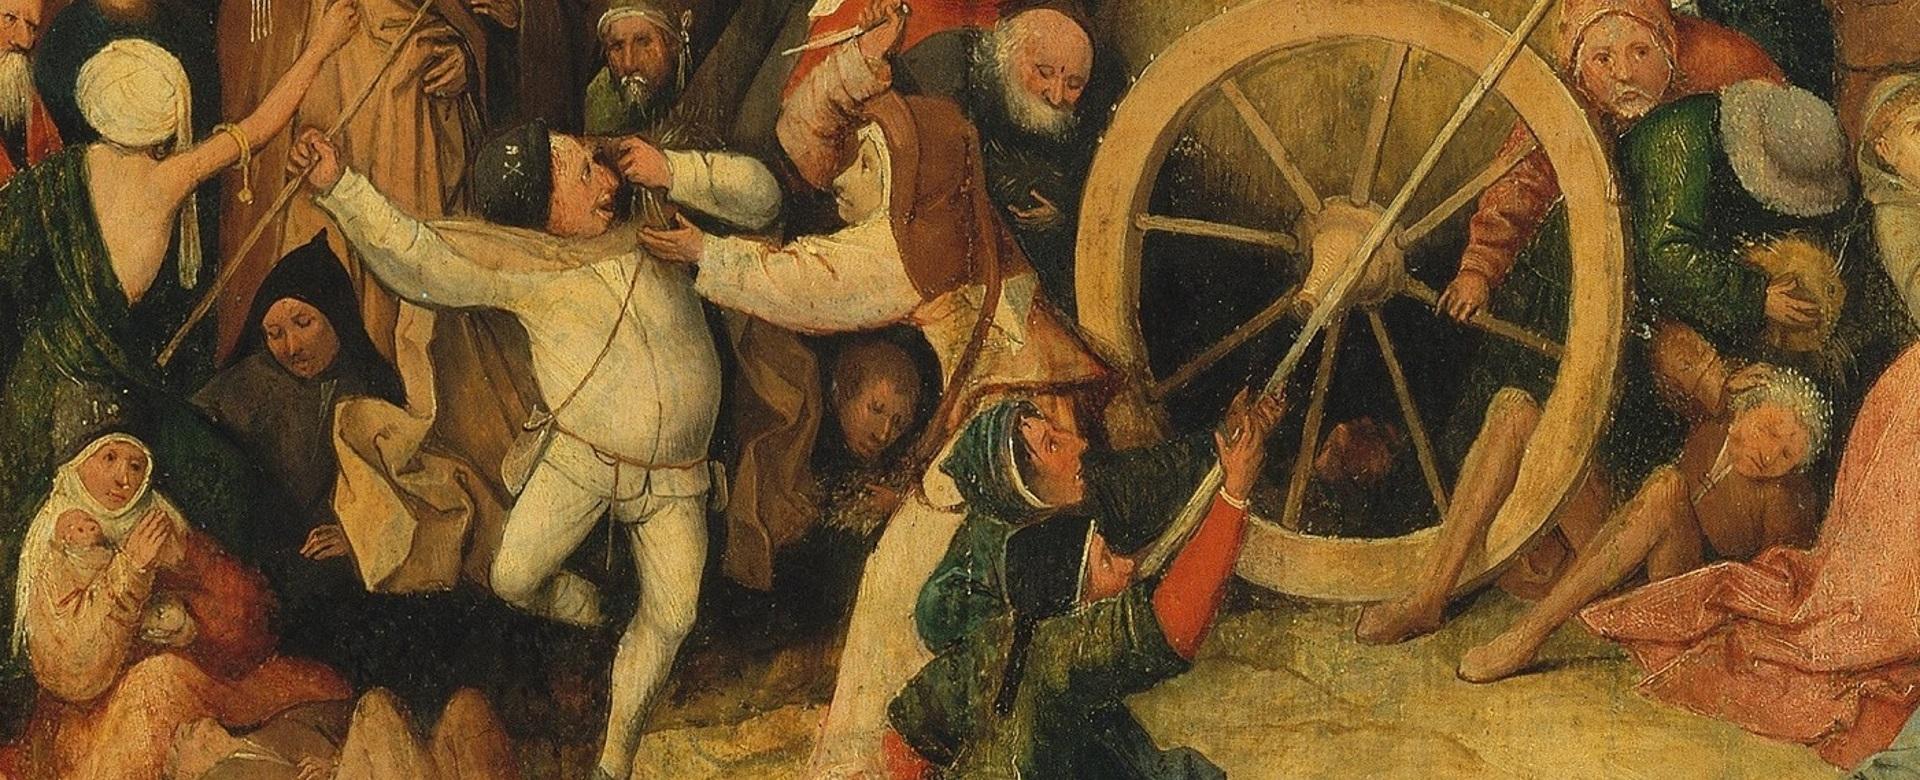 Выставка «Портрет в перспективе. Собрание Музея В.А. Тропинина»